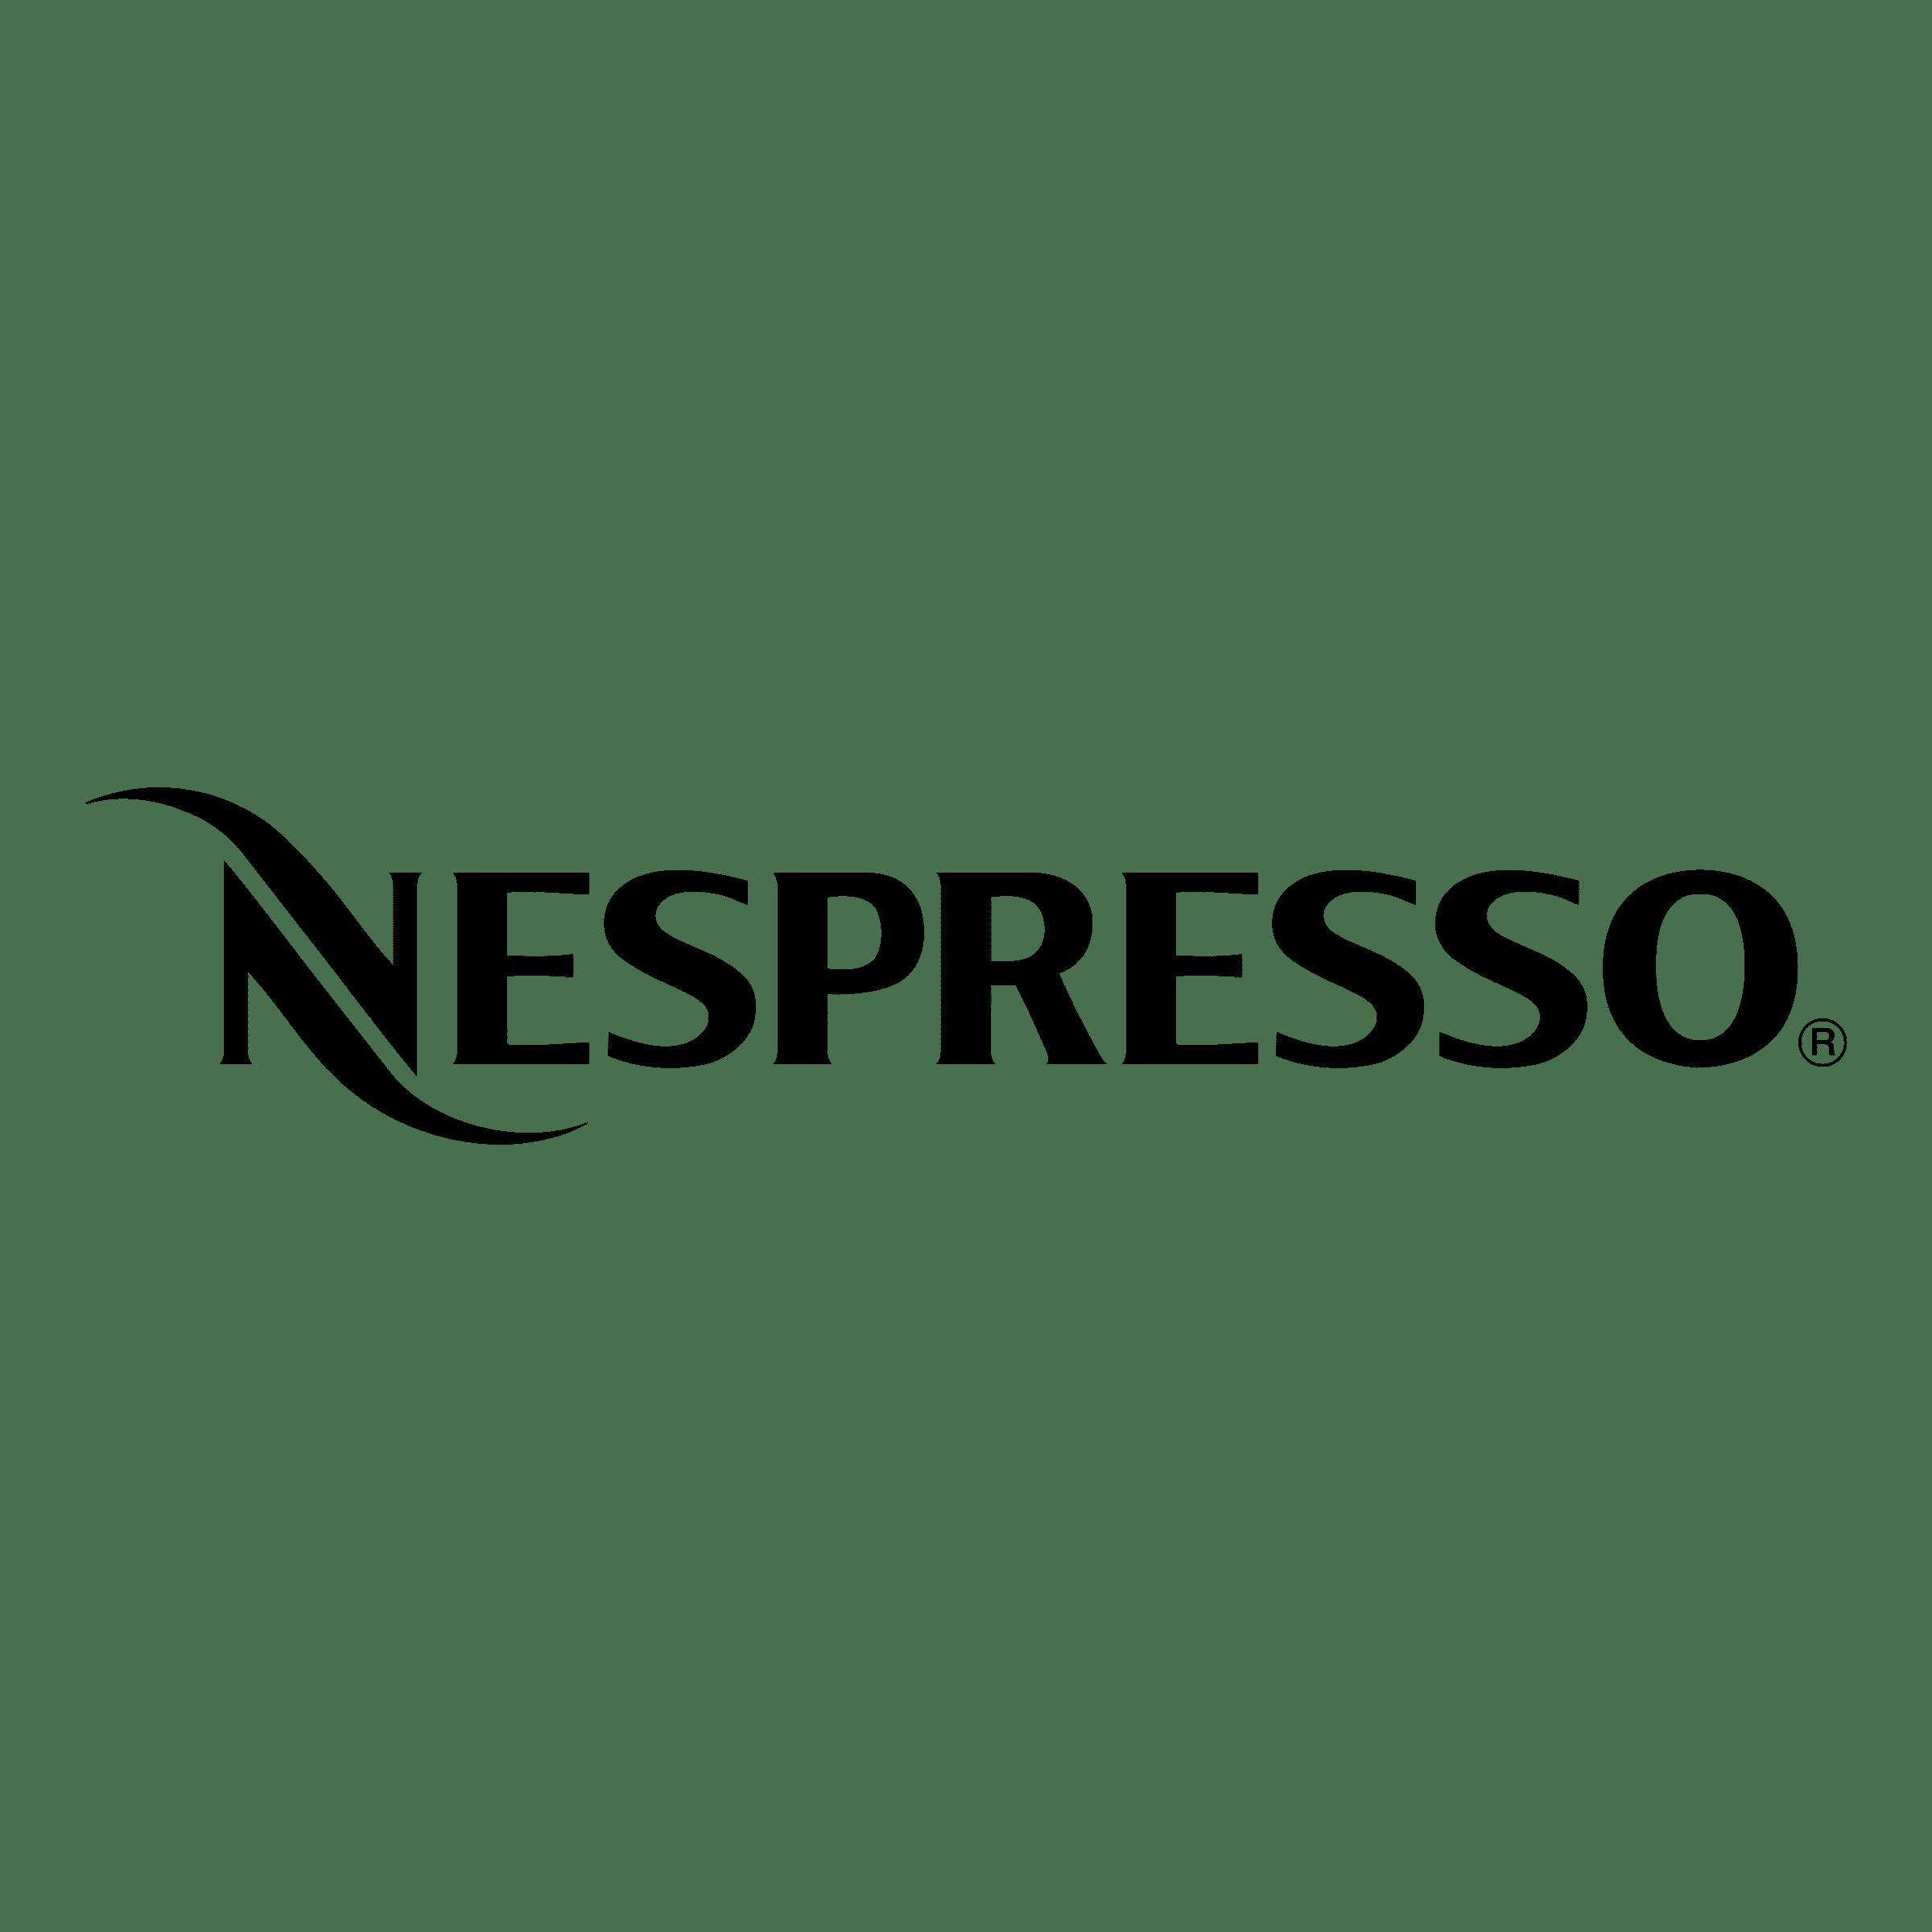 pulire il numero di contatto del caffè verde